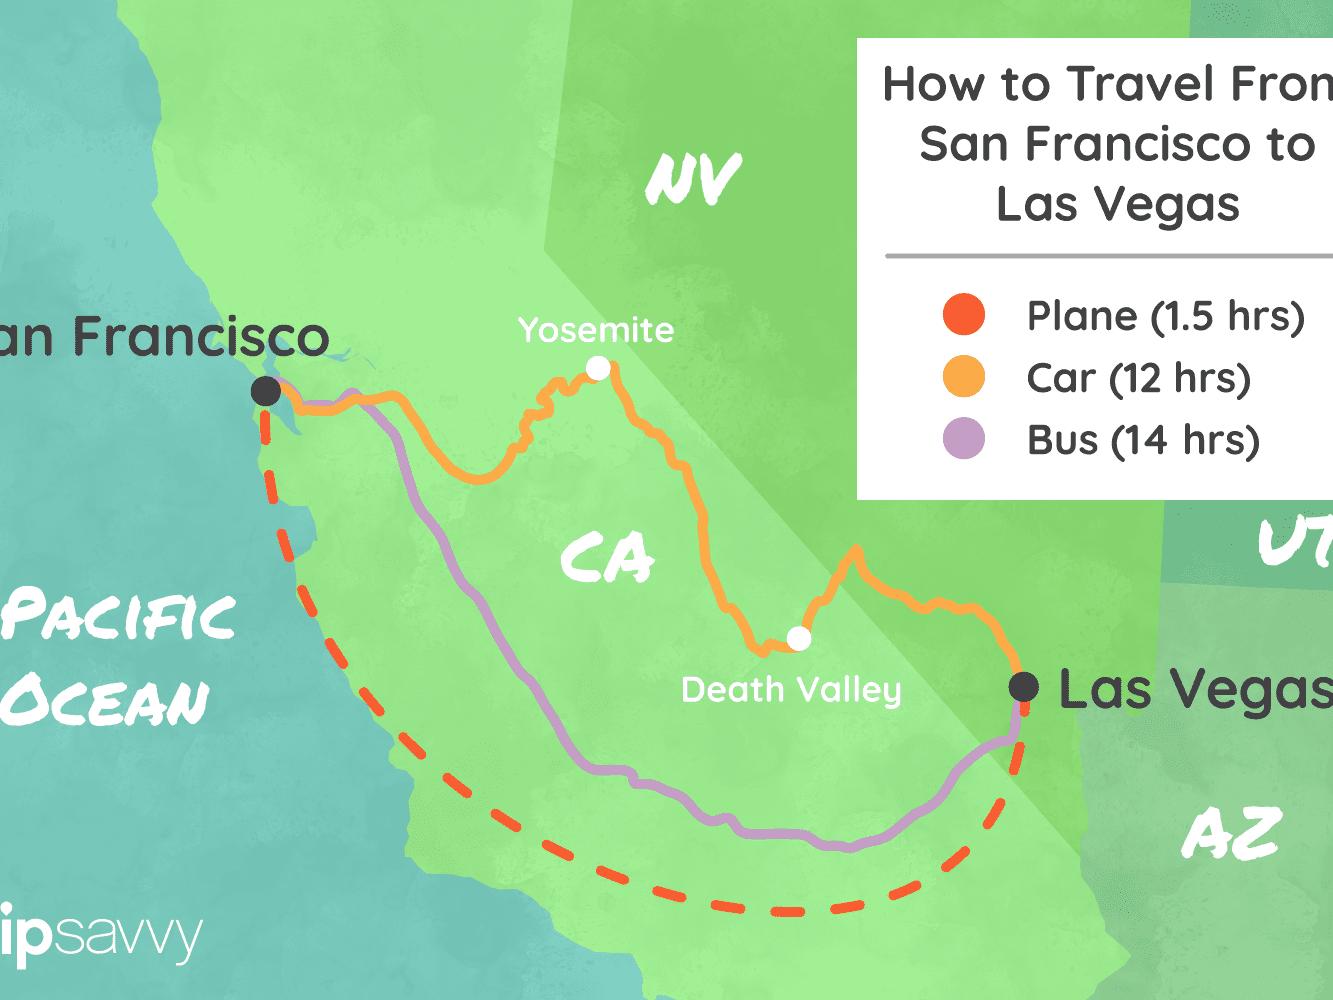 San Francisco to Las Vegas: All Ways to Make the Trip